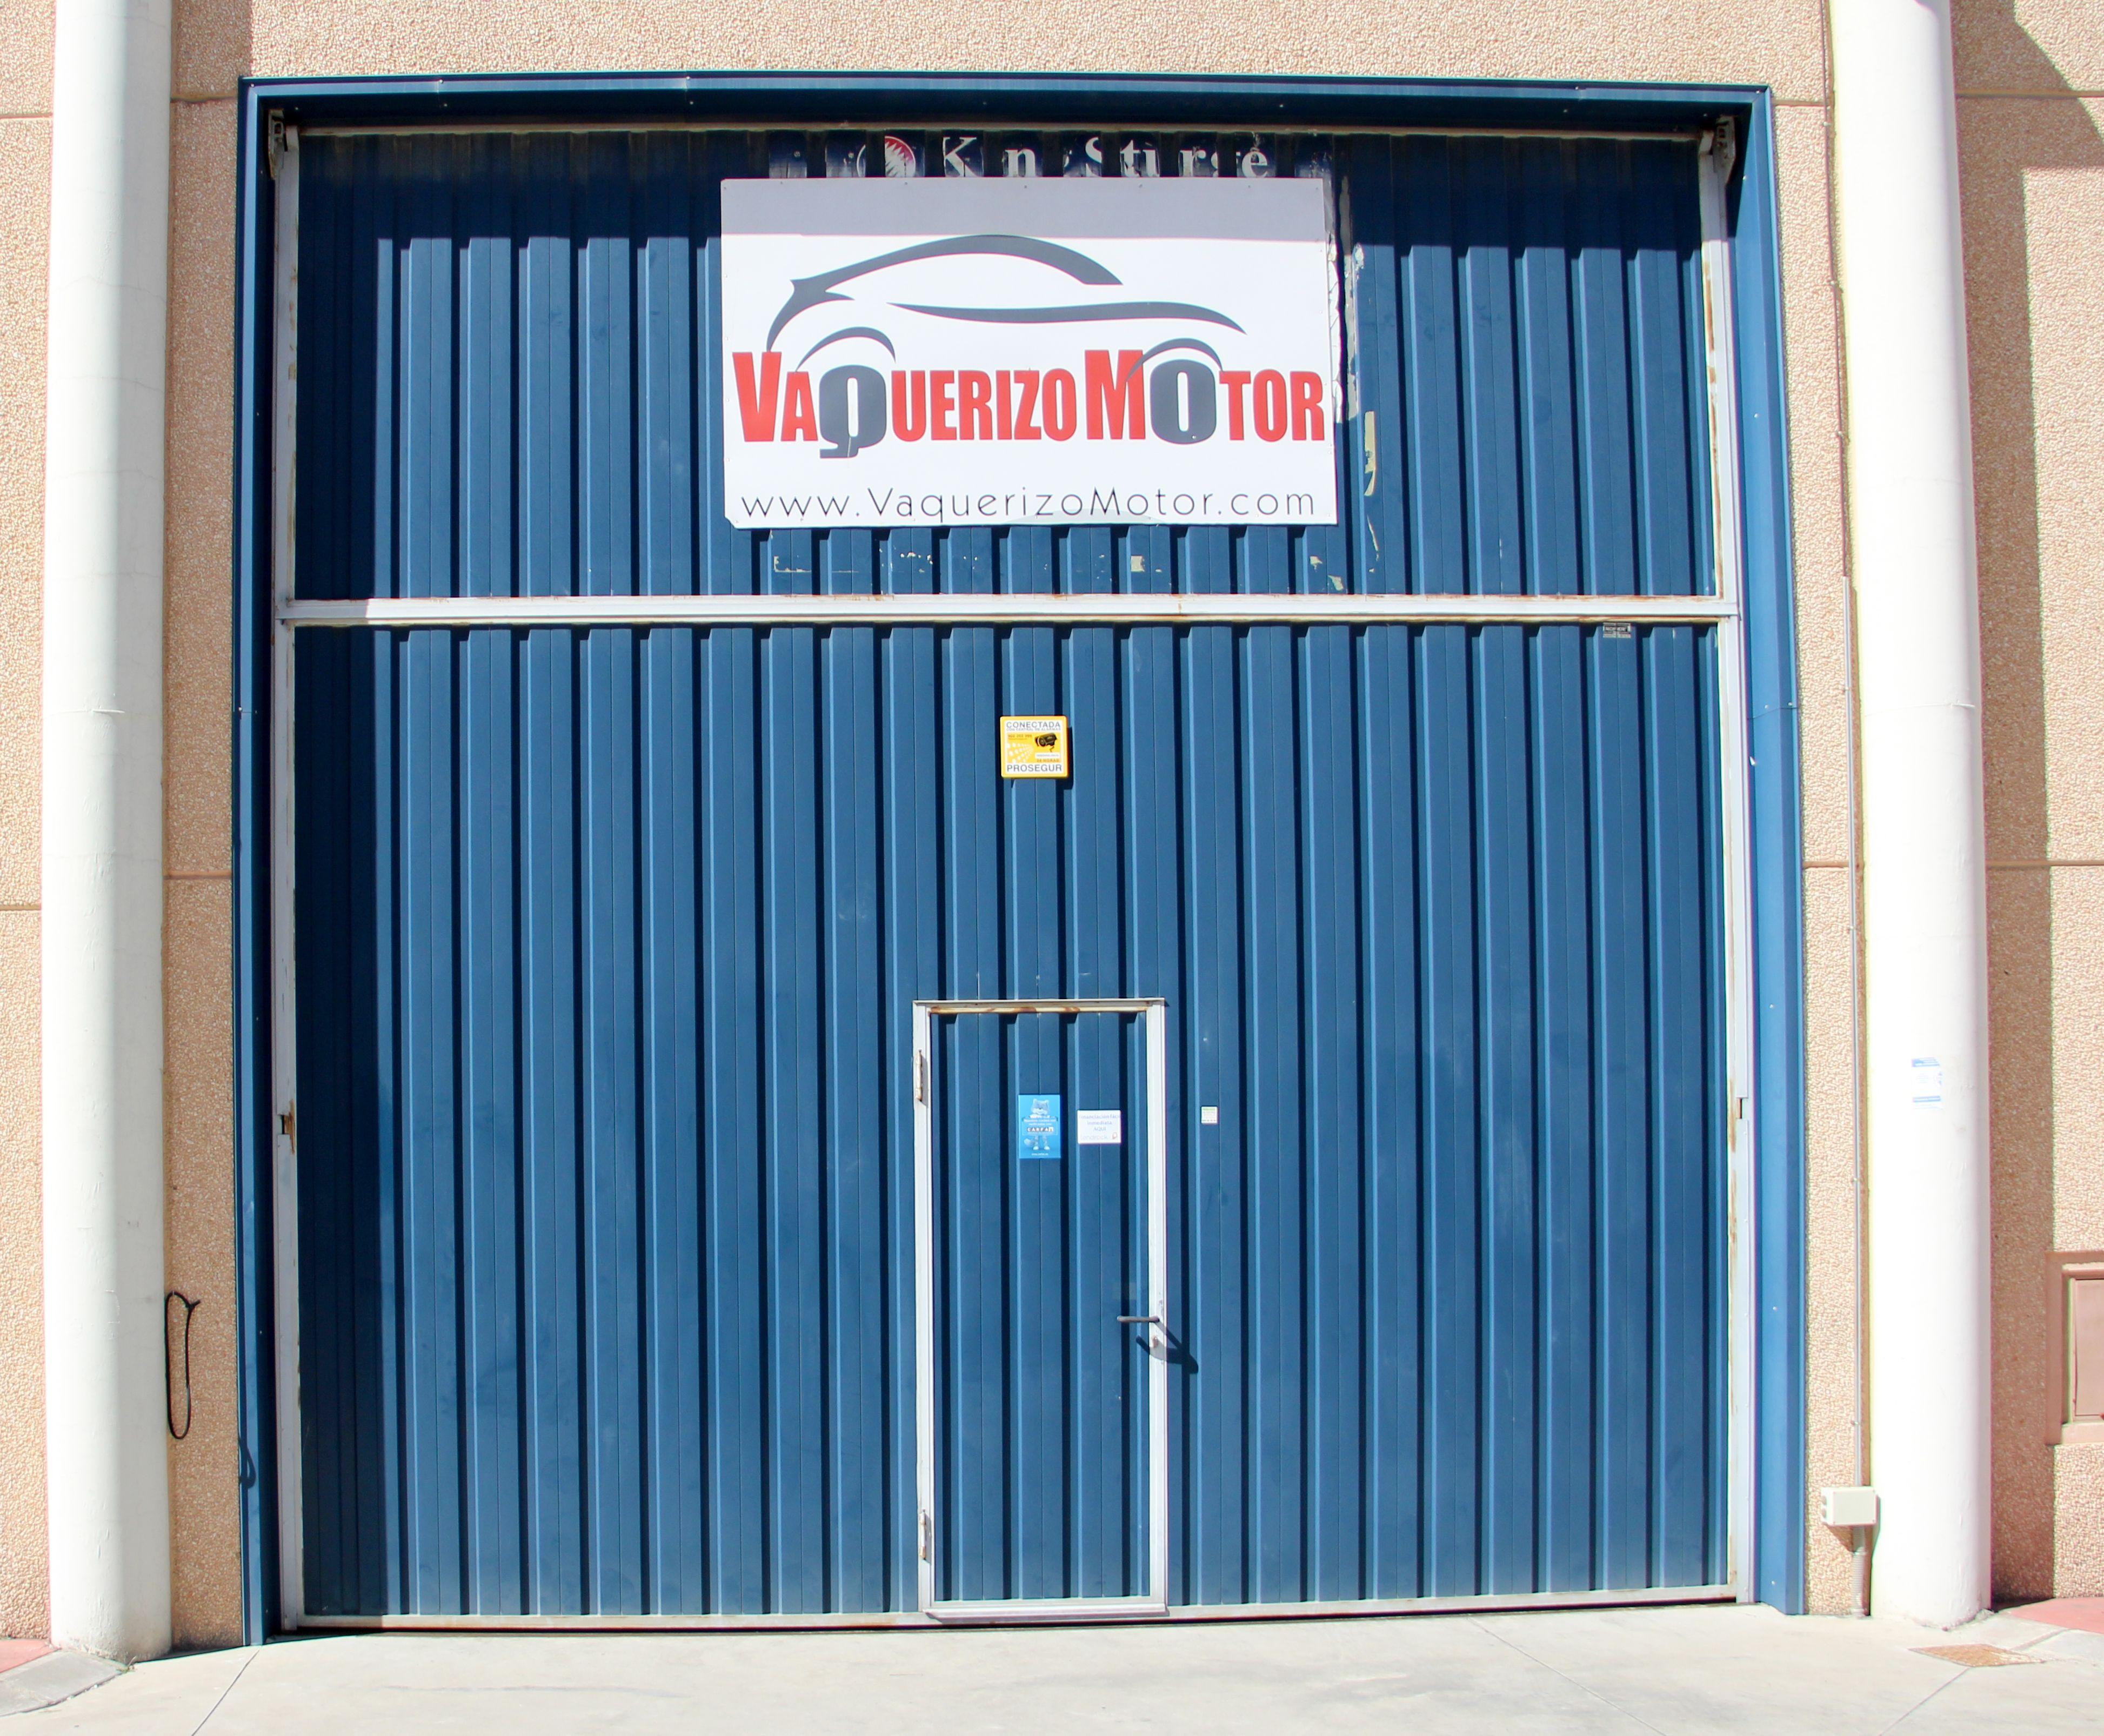 Nuestro concesionario se encuentra situado en el municipio madrileño de Alcalá de Henares